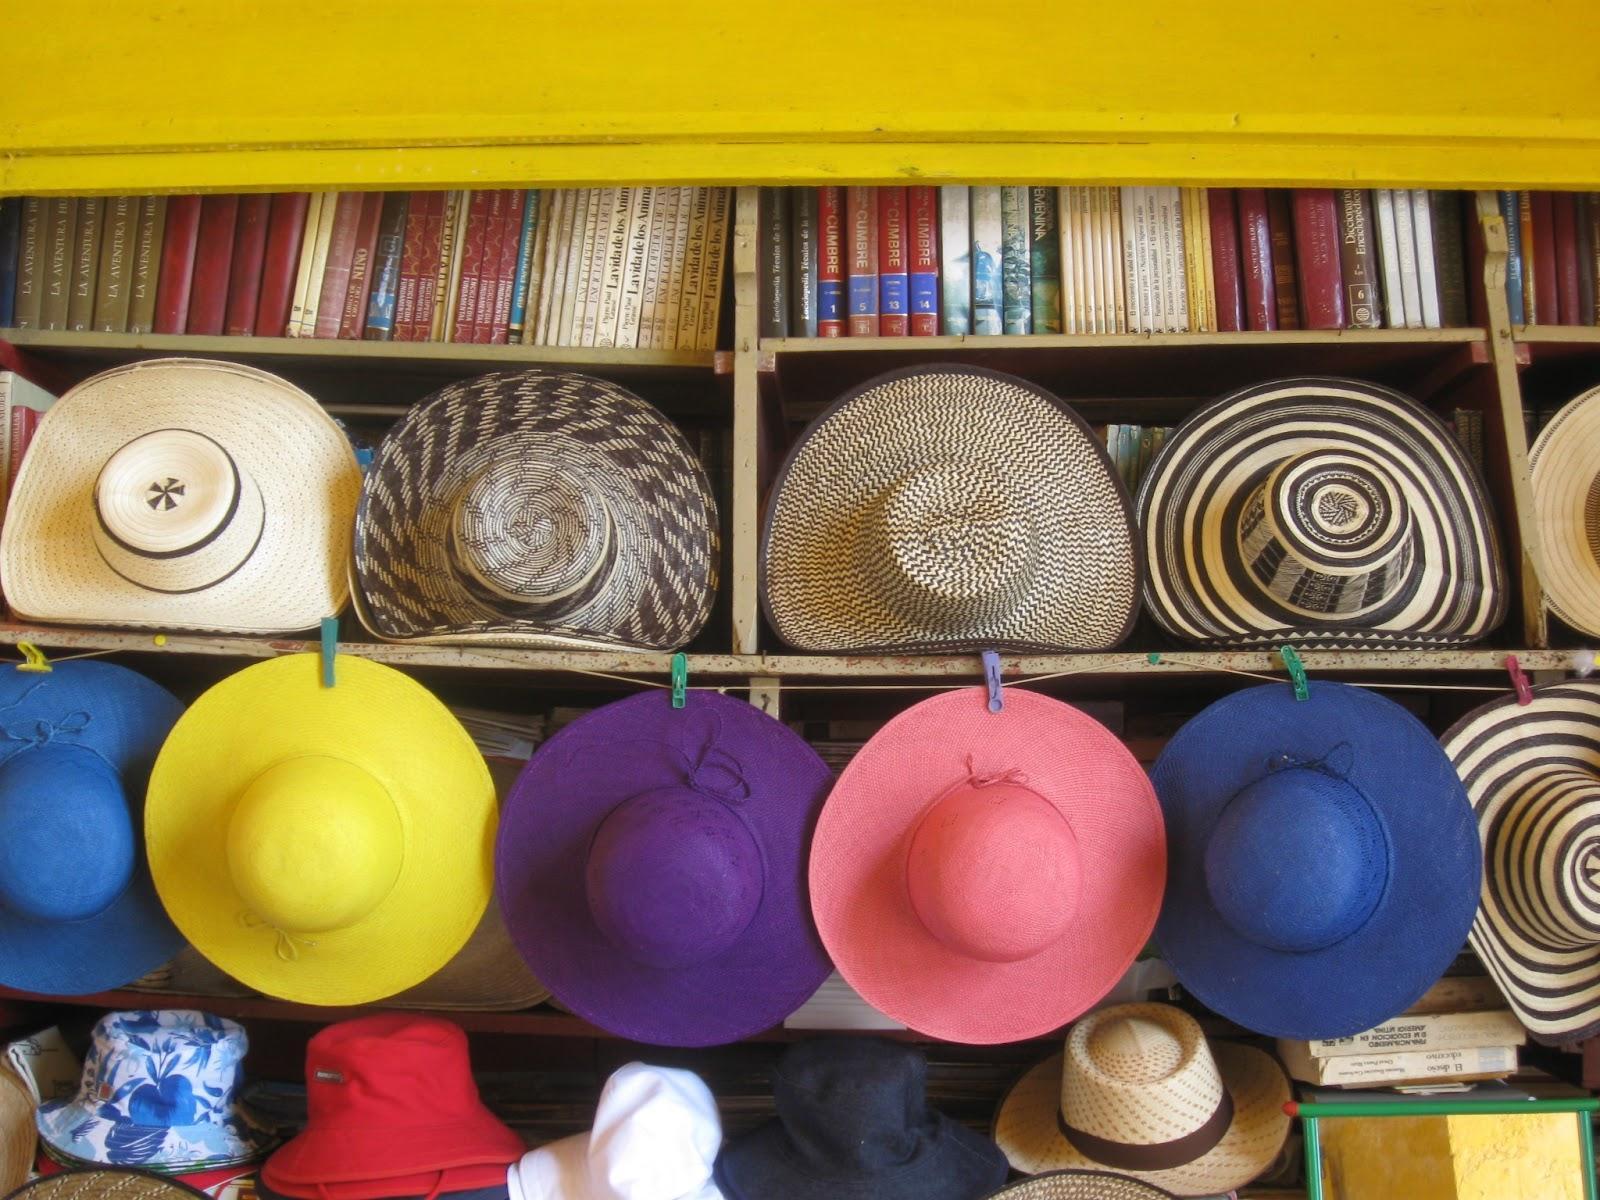 FOTOS DE TRIUNFO ARCINIEGAS: Cartagena de Indias / Sombreros